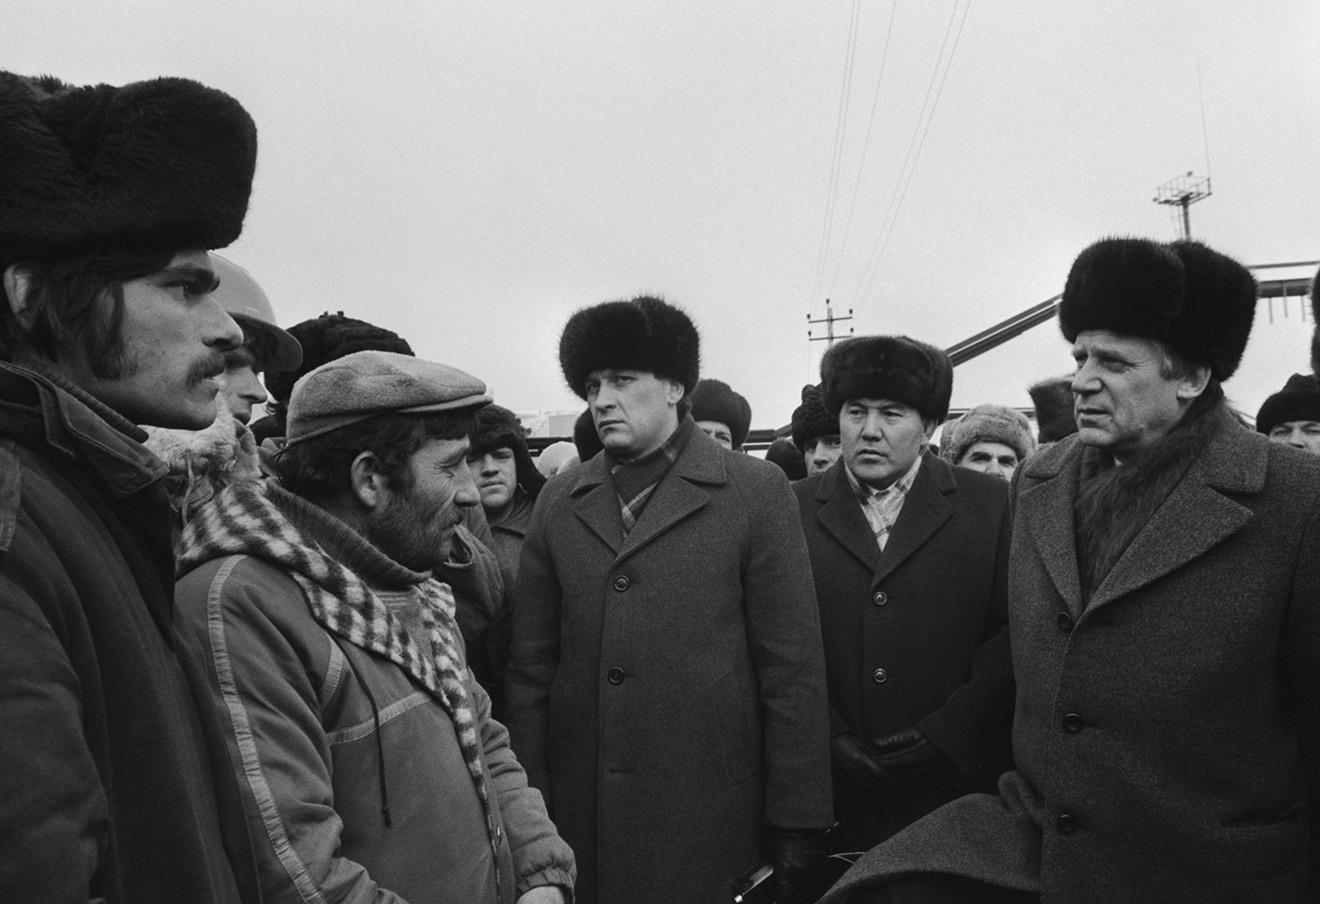 Николай Рыжков во время посещения Тенгизского нефтяного месторождения. Фото: Будан Виктор / Фотохроника ТАСС